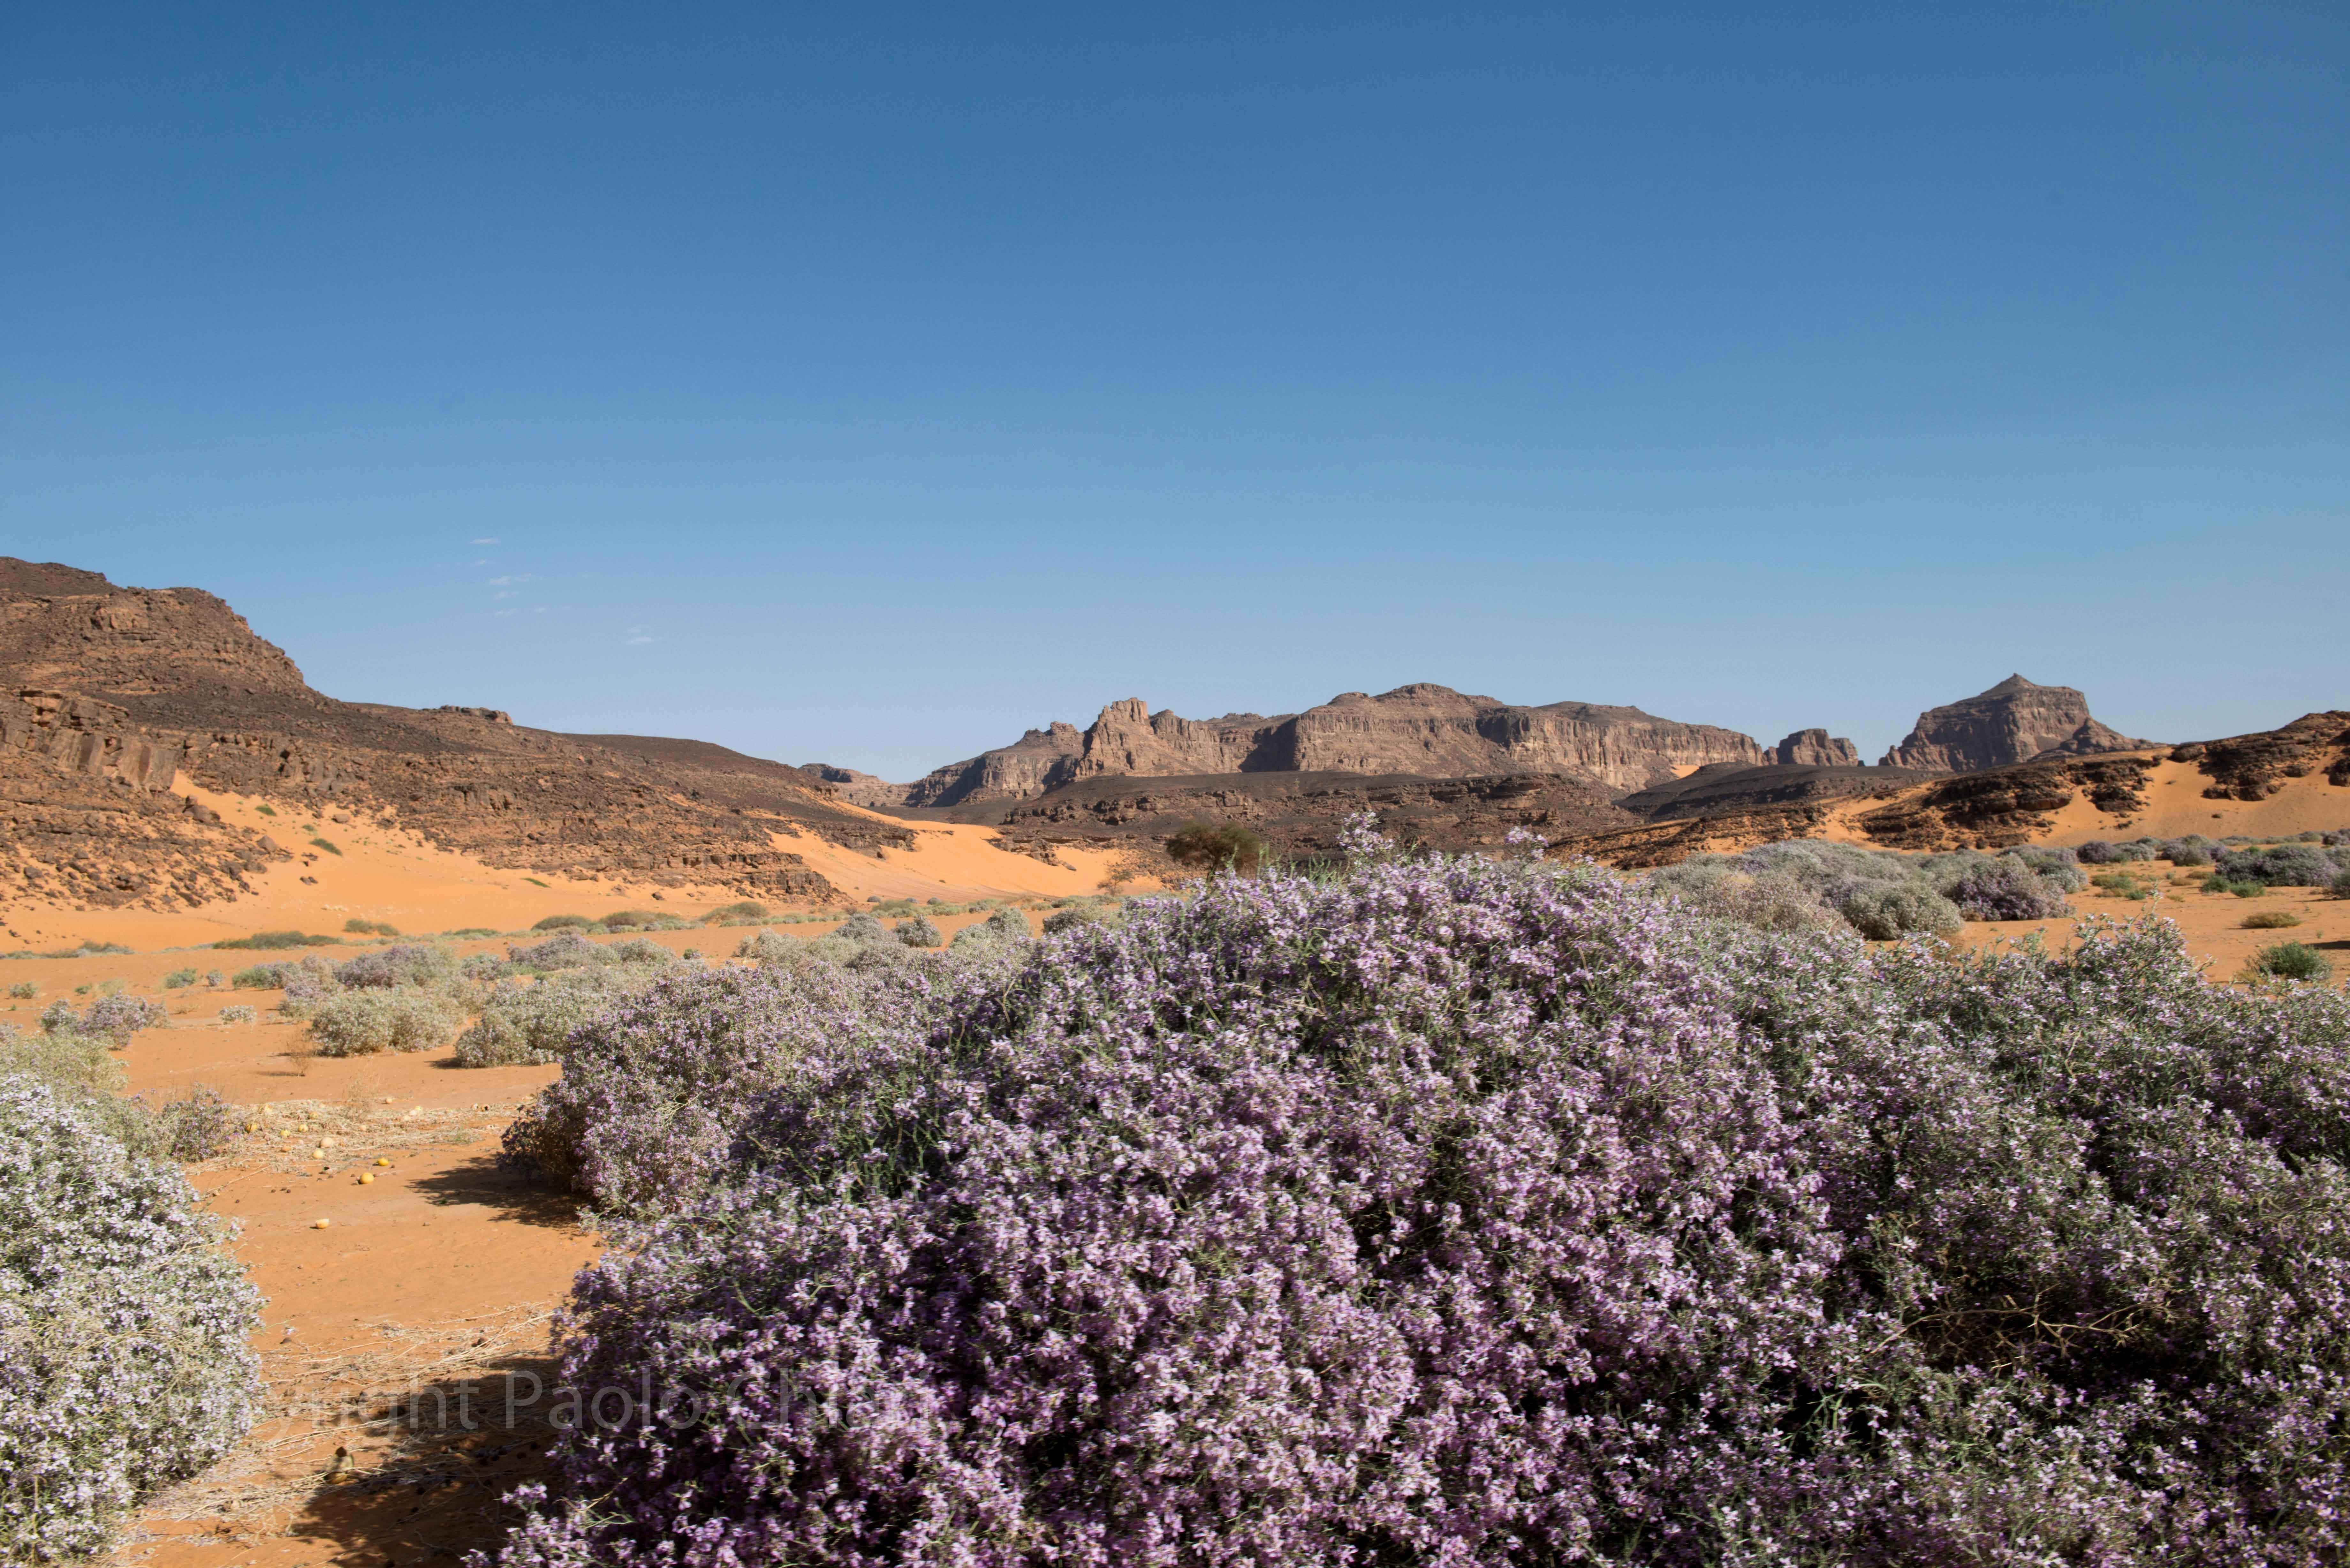 Deserto in fiore